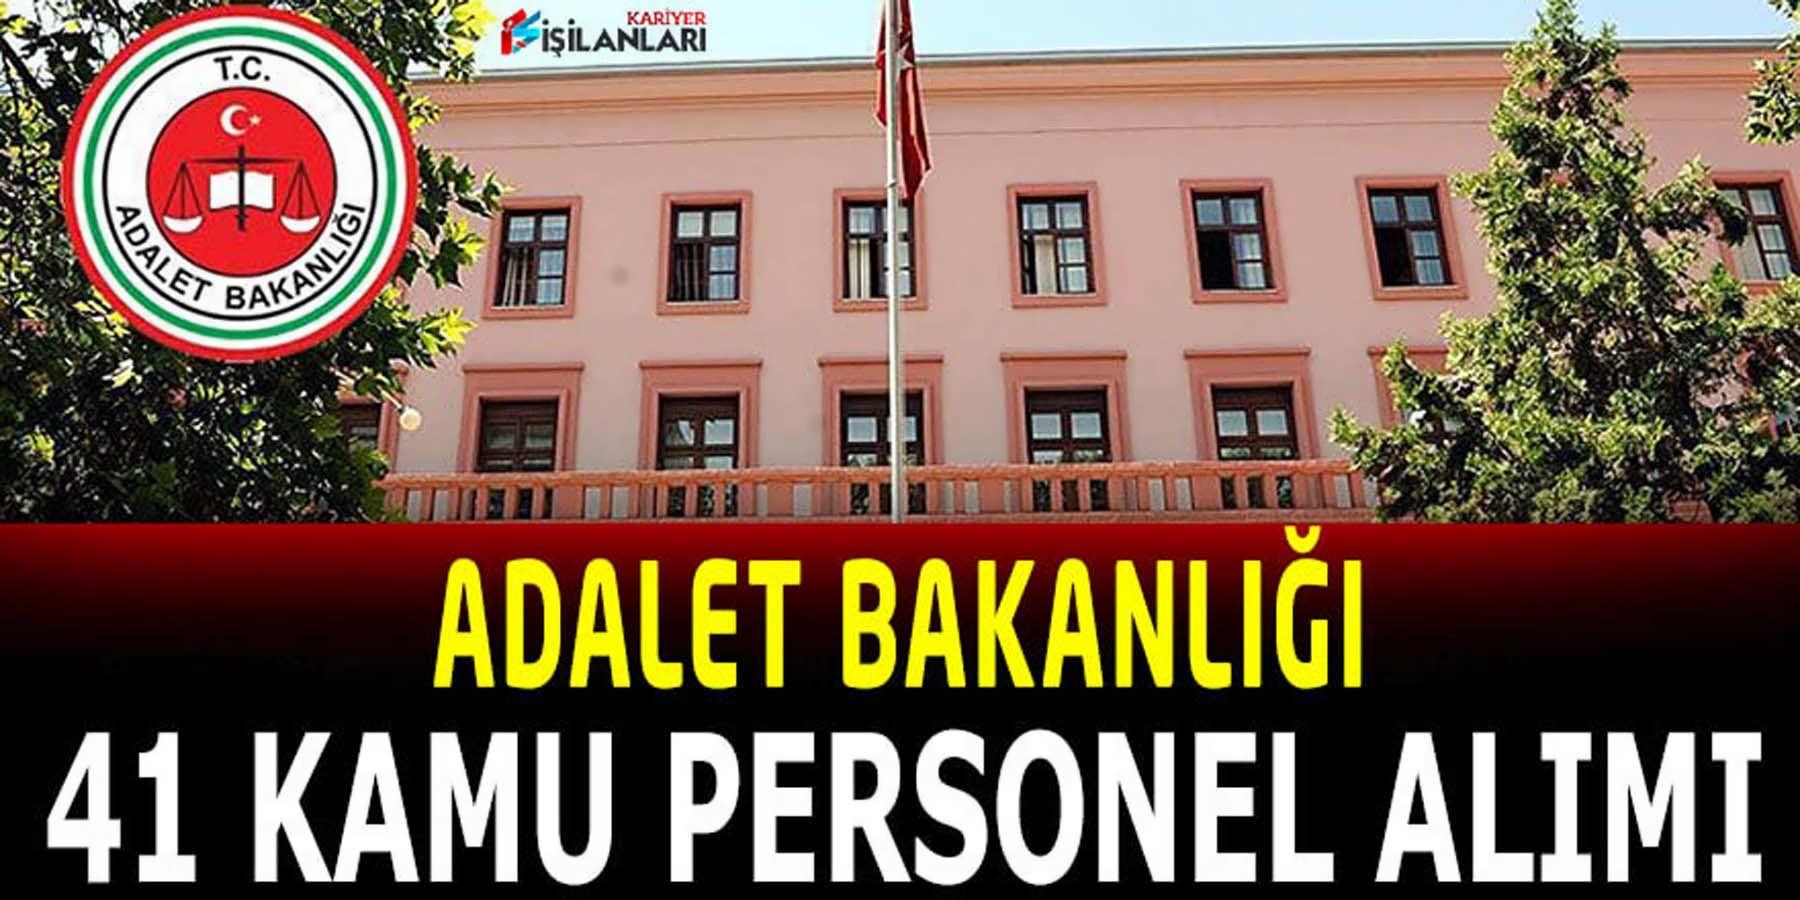 Adalet Bakanlığı 41 Kamu Personeli Alımı İlanı Yayınlandı